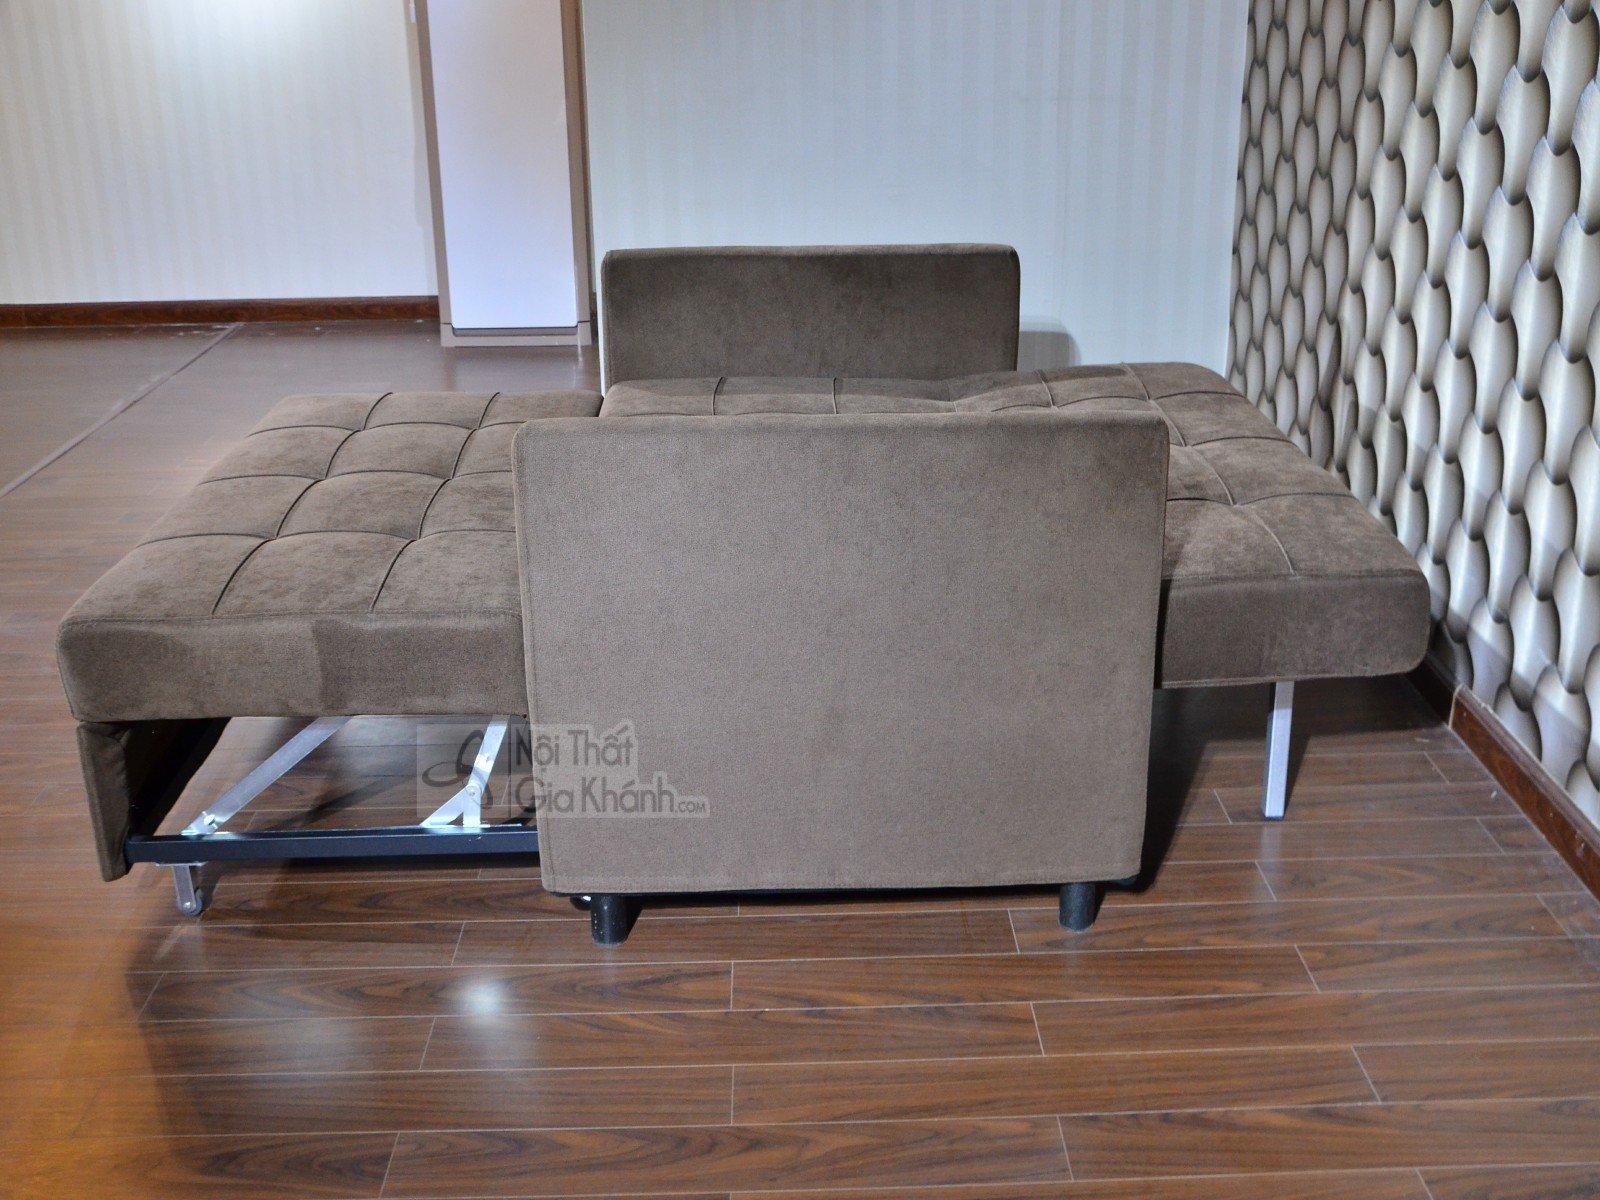 Sofa đa năng - Sofa giường - Sofa bed mã SF161-7 - sofa da nang SF161 7 12